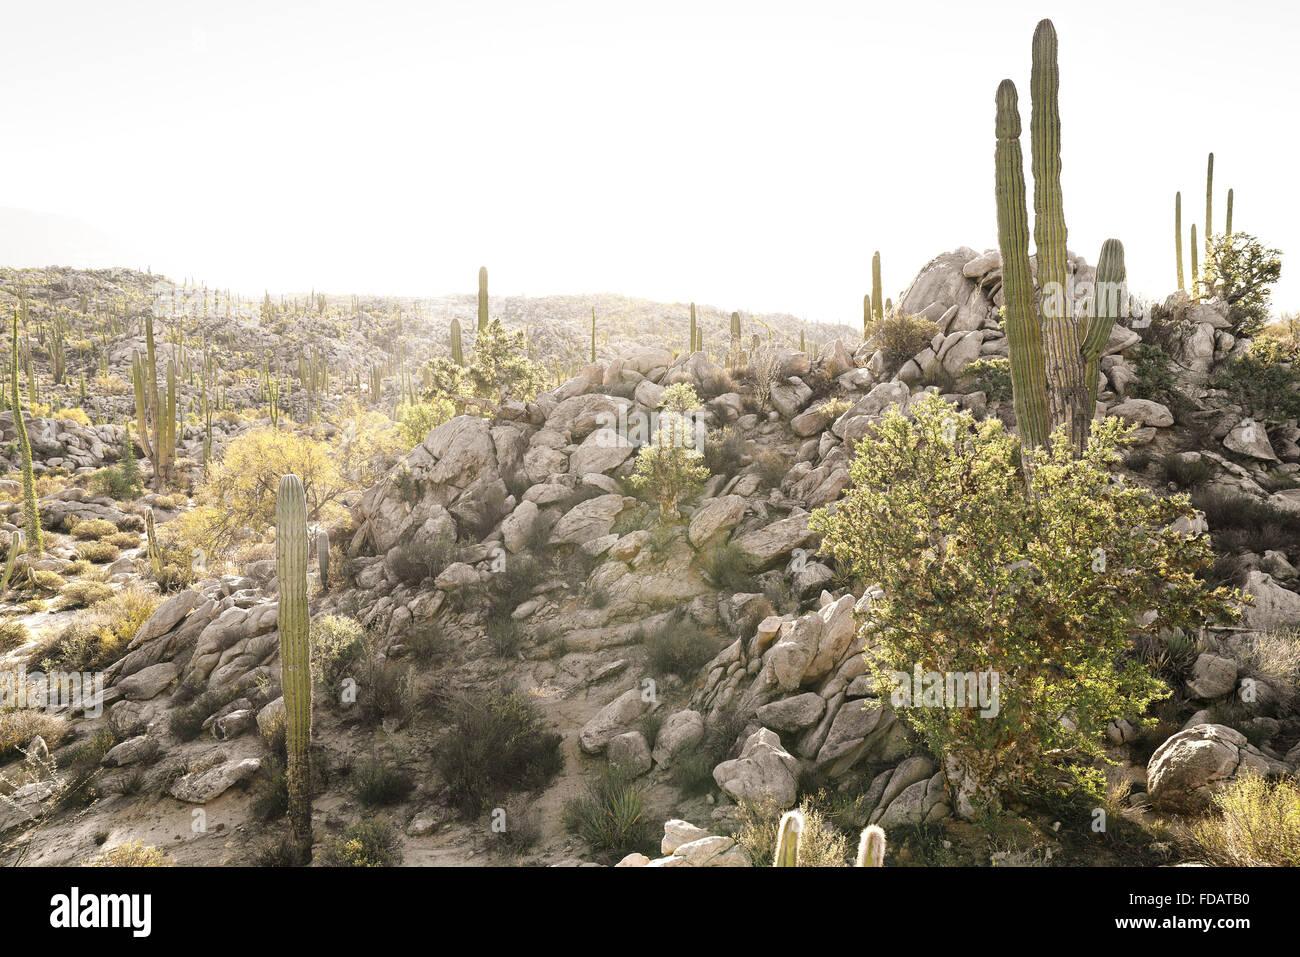 Escena del desierto en Baja California, México Imagen De Stock